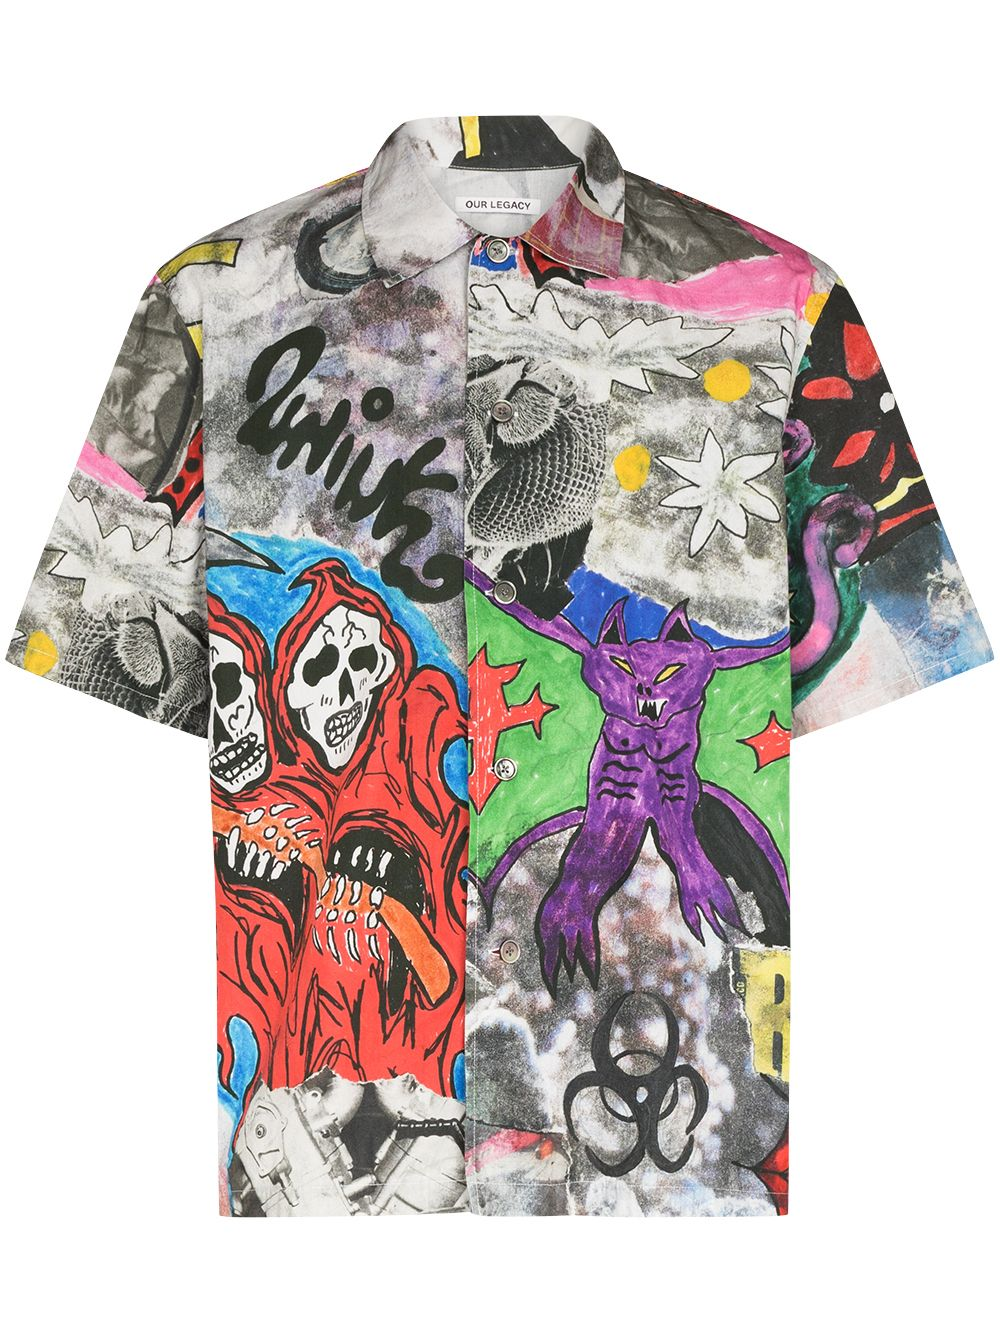 camicia con stampa uomo multicolor in cotone OUR LEGACY   Camicie   M4212BSSKELETRON